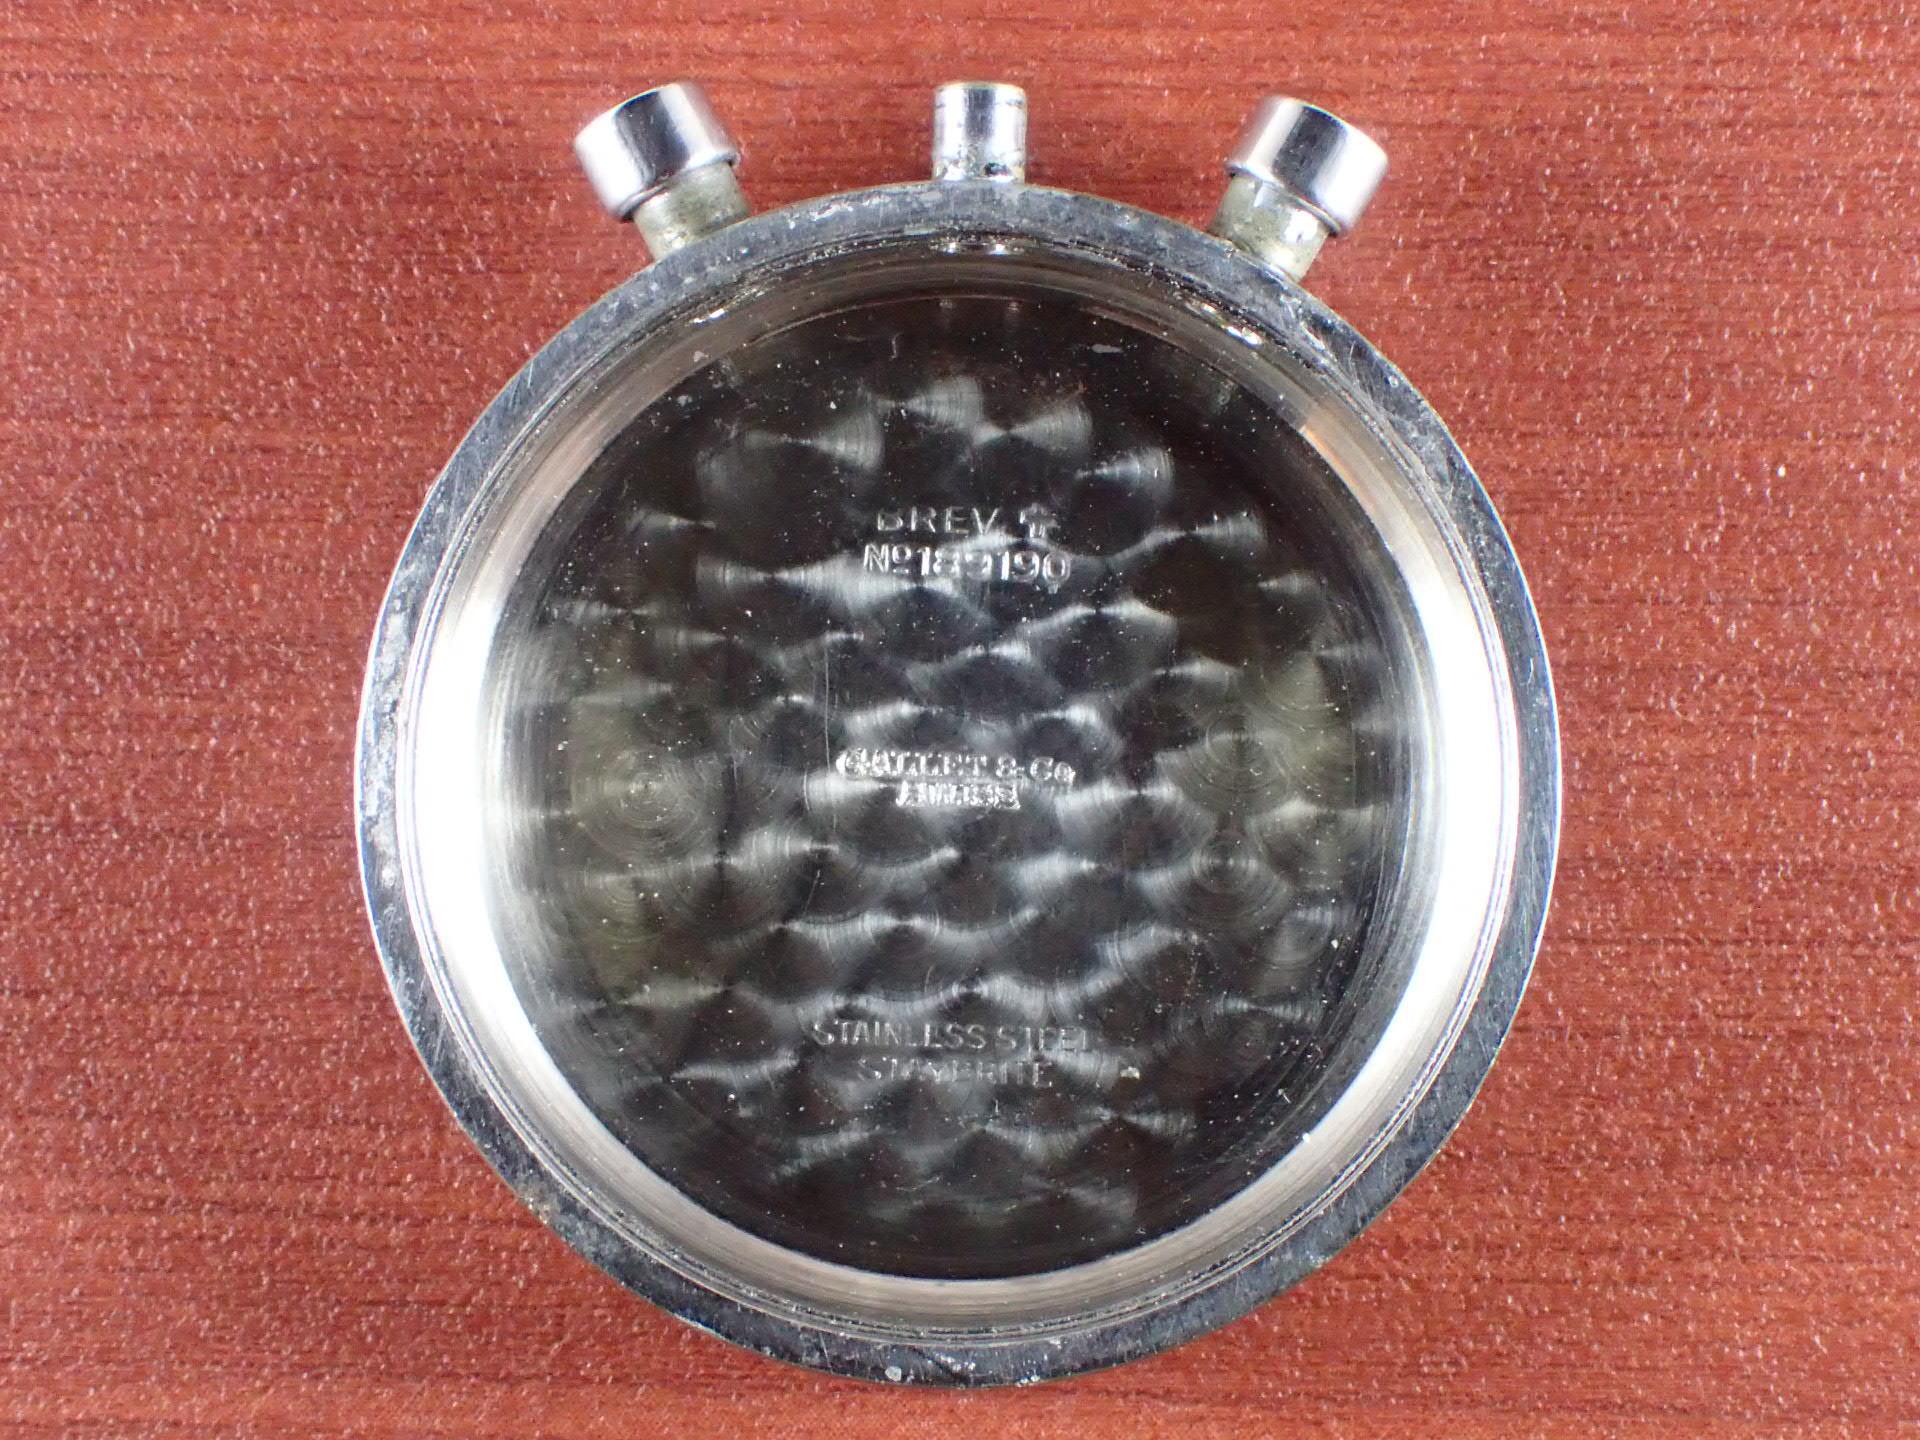 ギャレット マルチクロン クラムシェルケース ブラックダイアル 1940年代の写真6枚目